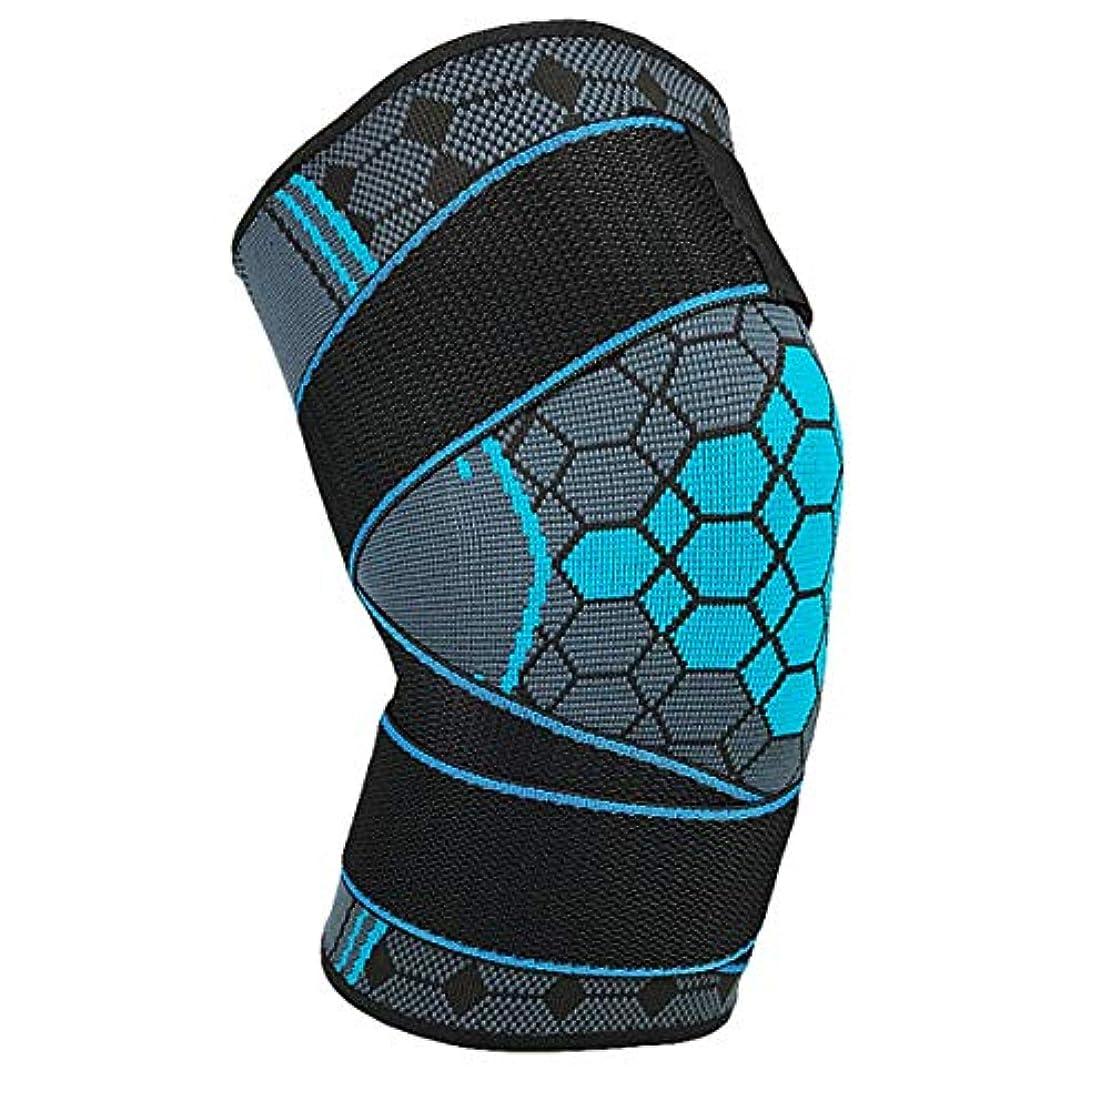 情熱放射する信頼快適な膝パッドヨガスポーツ保護パッドバレーボール落下膝サポート安全膝パッド耐久性膝ブレース-ブルーL